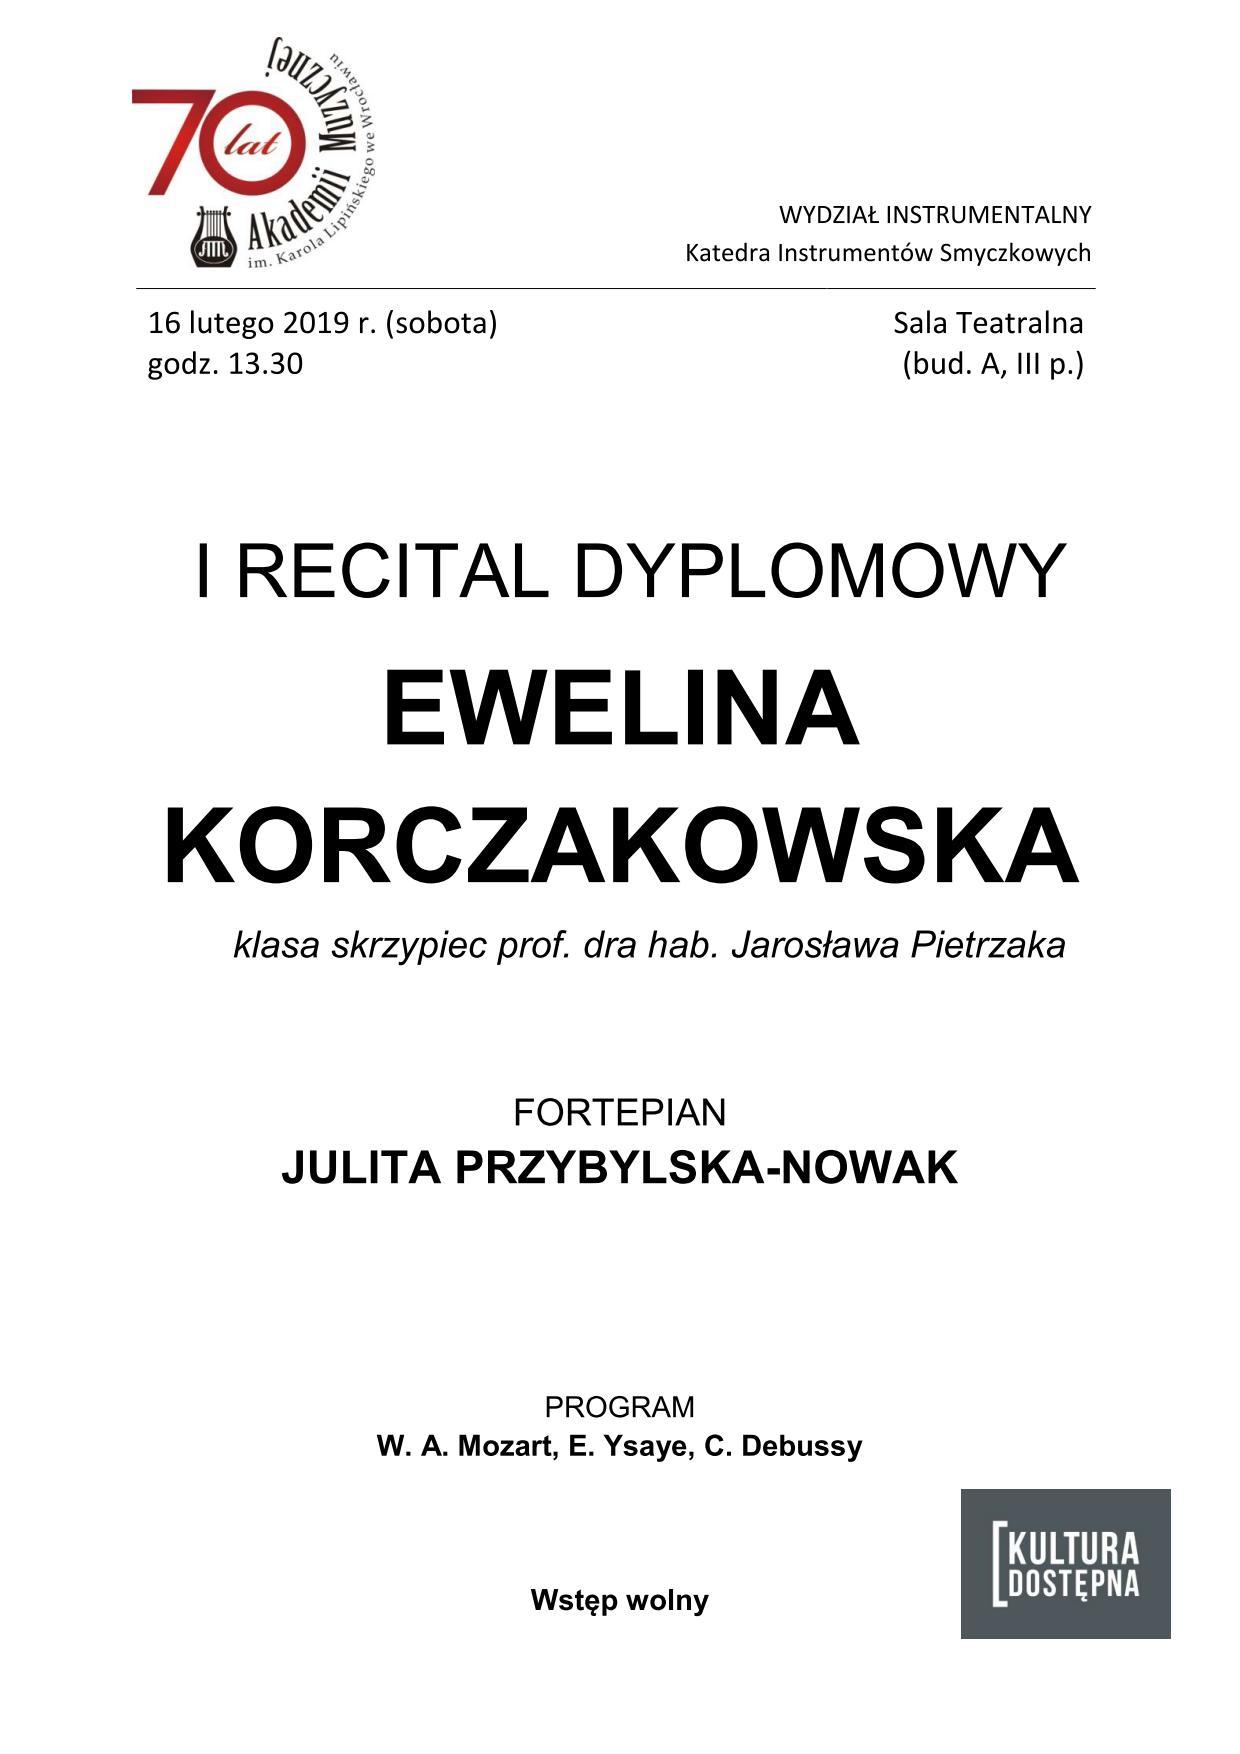 I recital dyplomowy - Ewelina Korczakowska (skrzypce)